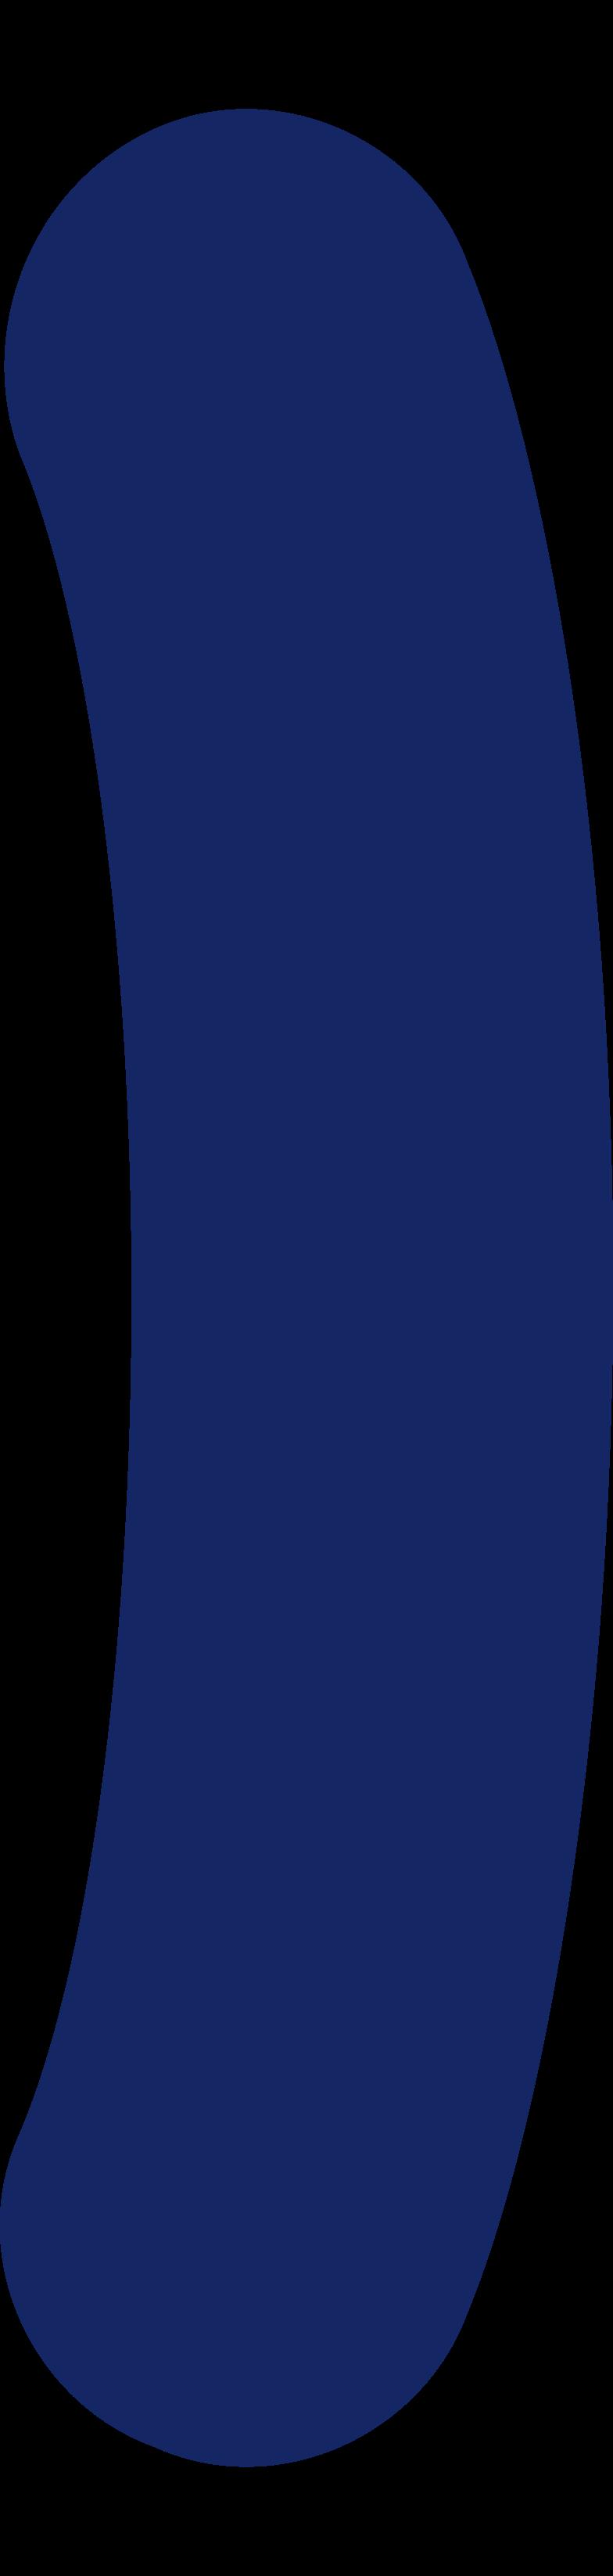 volume line Clipart illustration in PNG, SVG